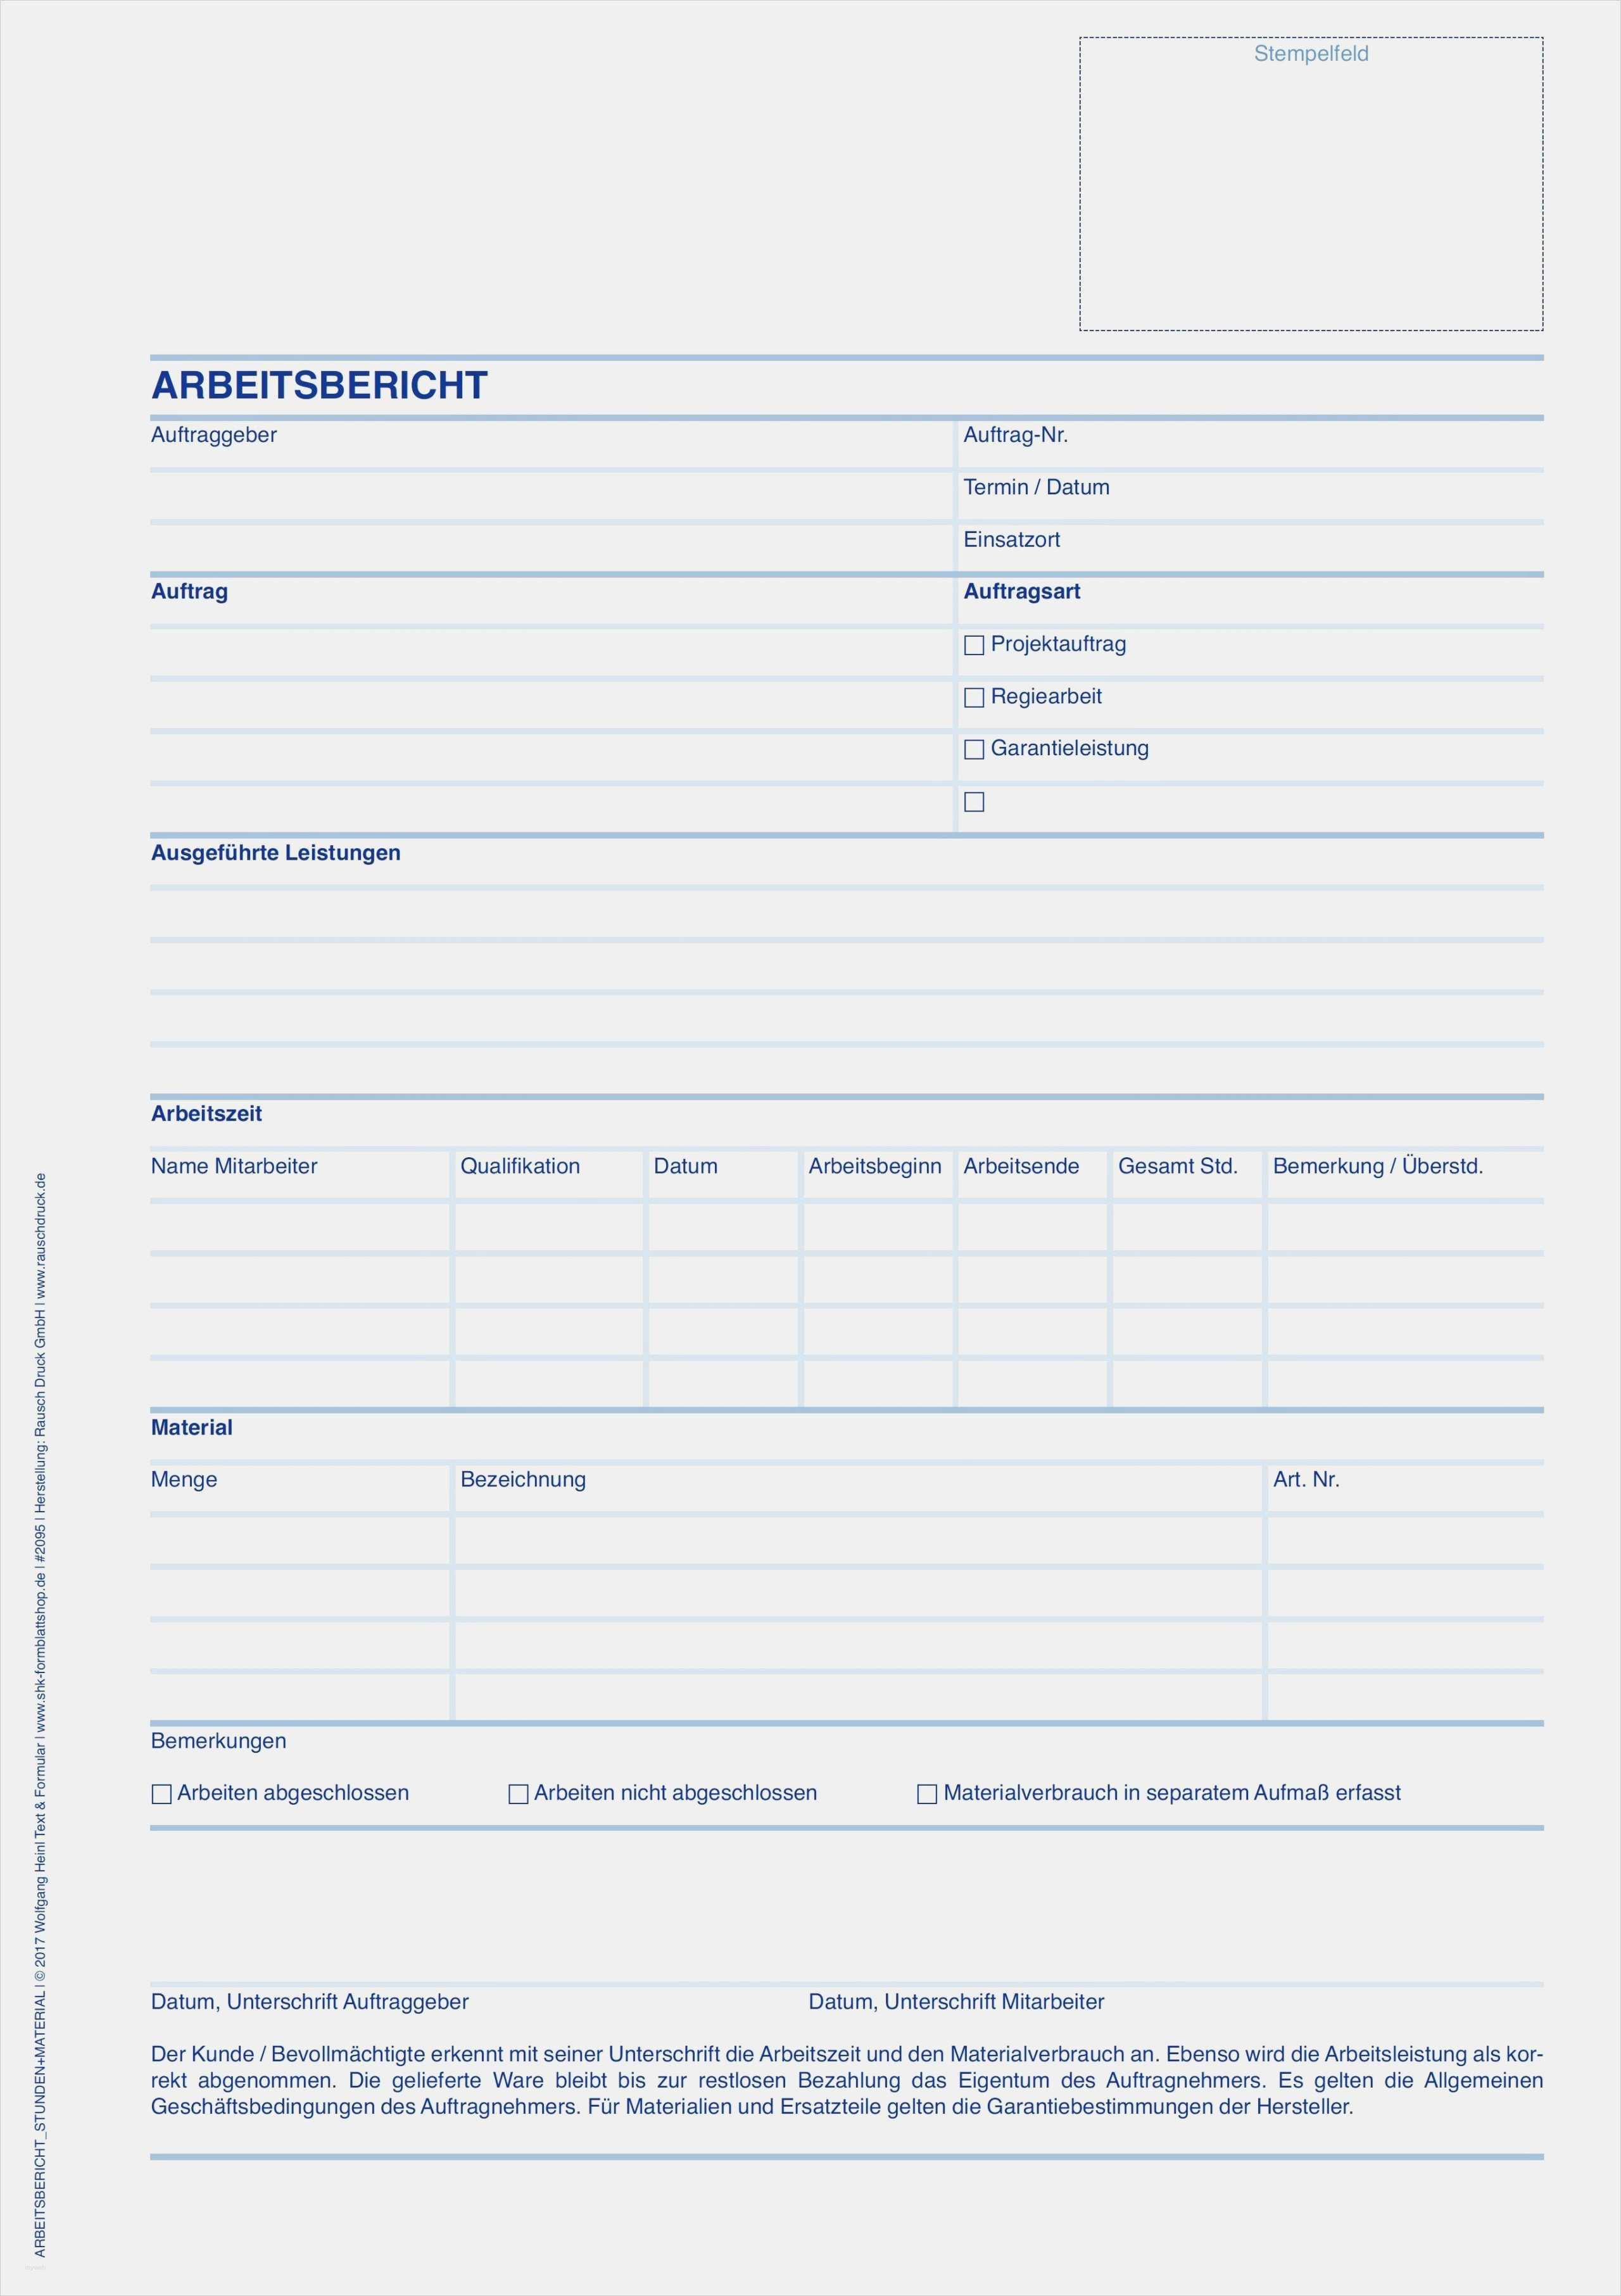 Arbeitsbericht Vorlage Handwerk Kostenlos  Arbeitsbericht Vorlage Handwerk Kostenlos Genial